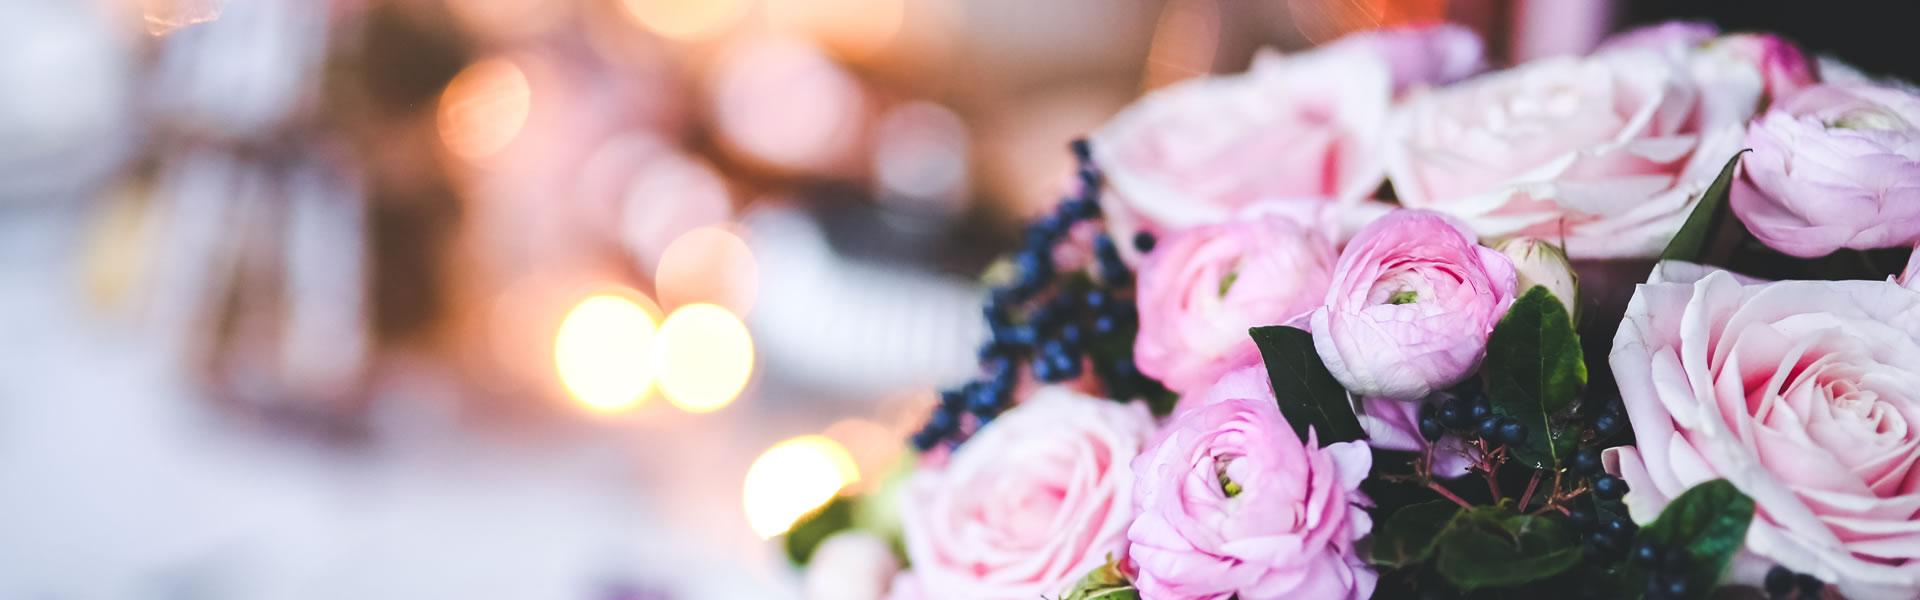 flowers-pexels_1920x600